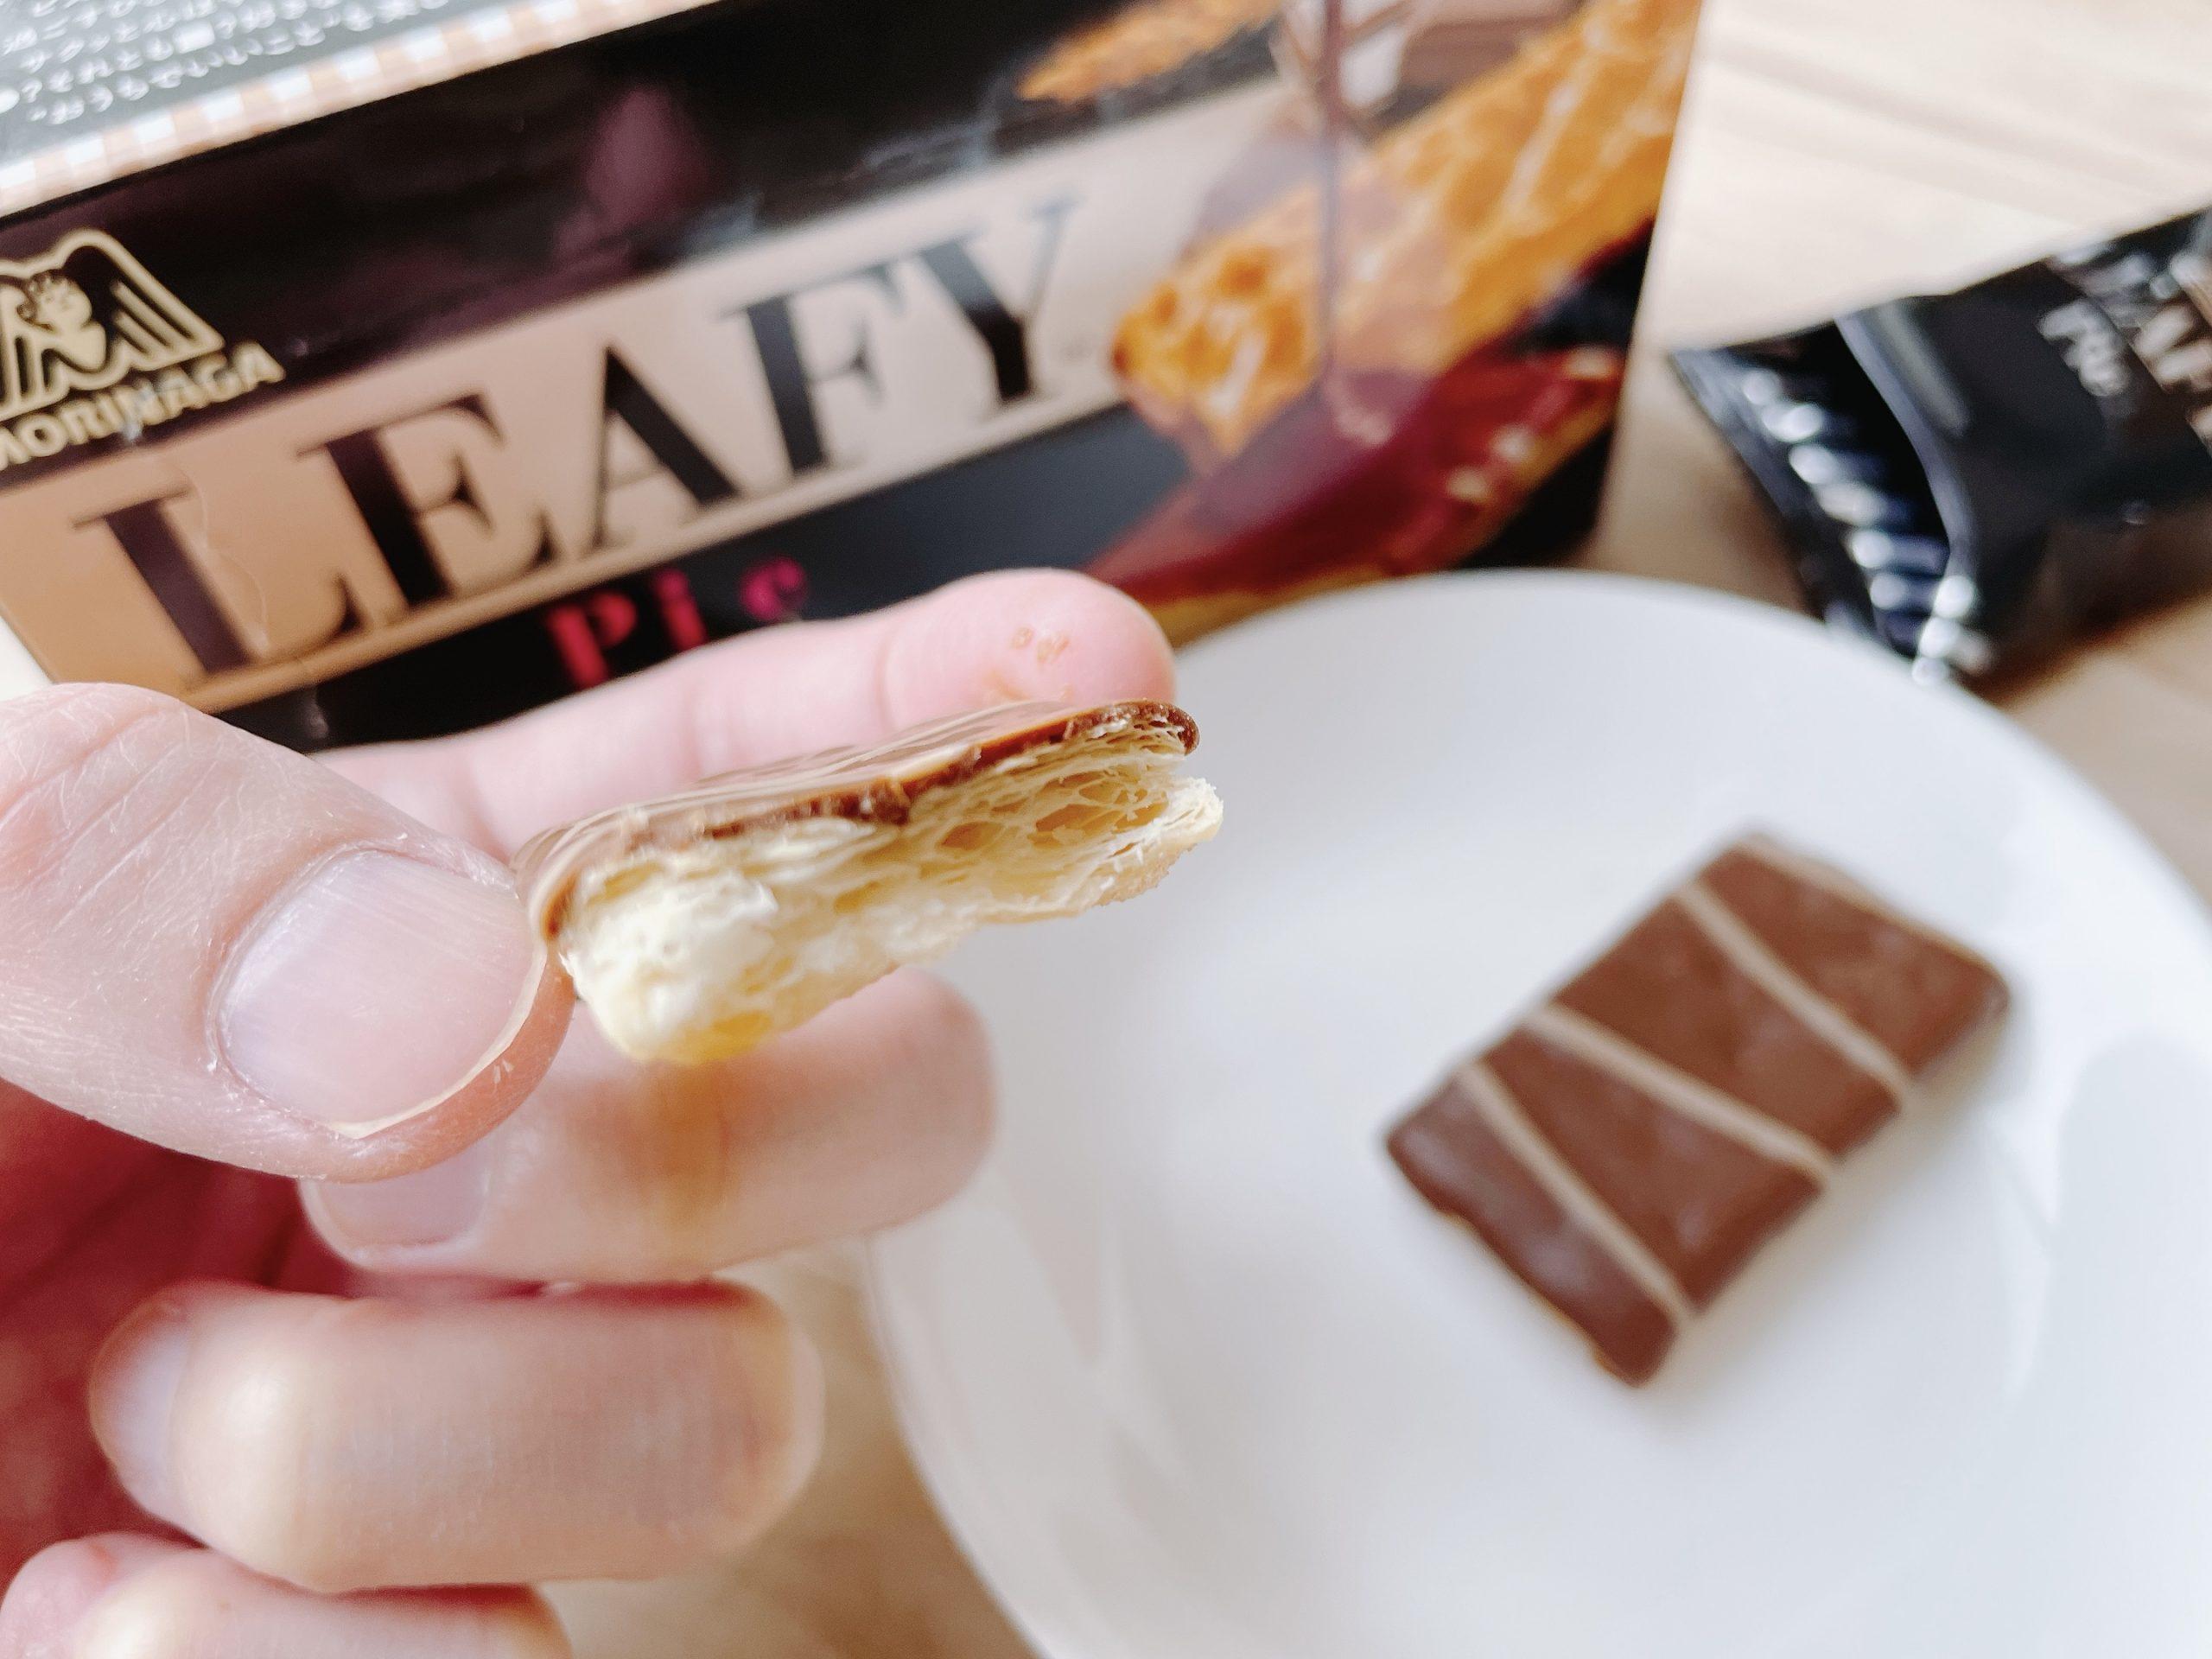 森永ビスケットのリーフィのチョコは薄がけされている